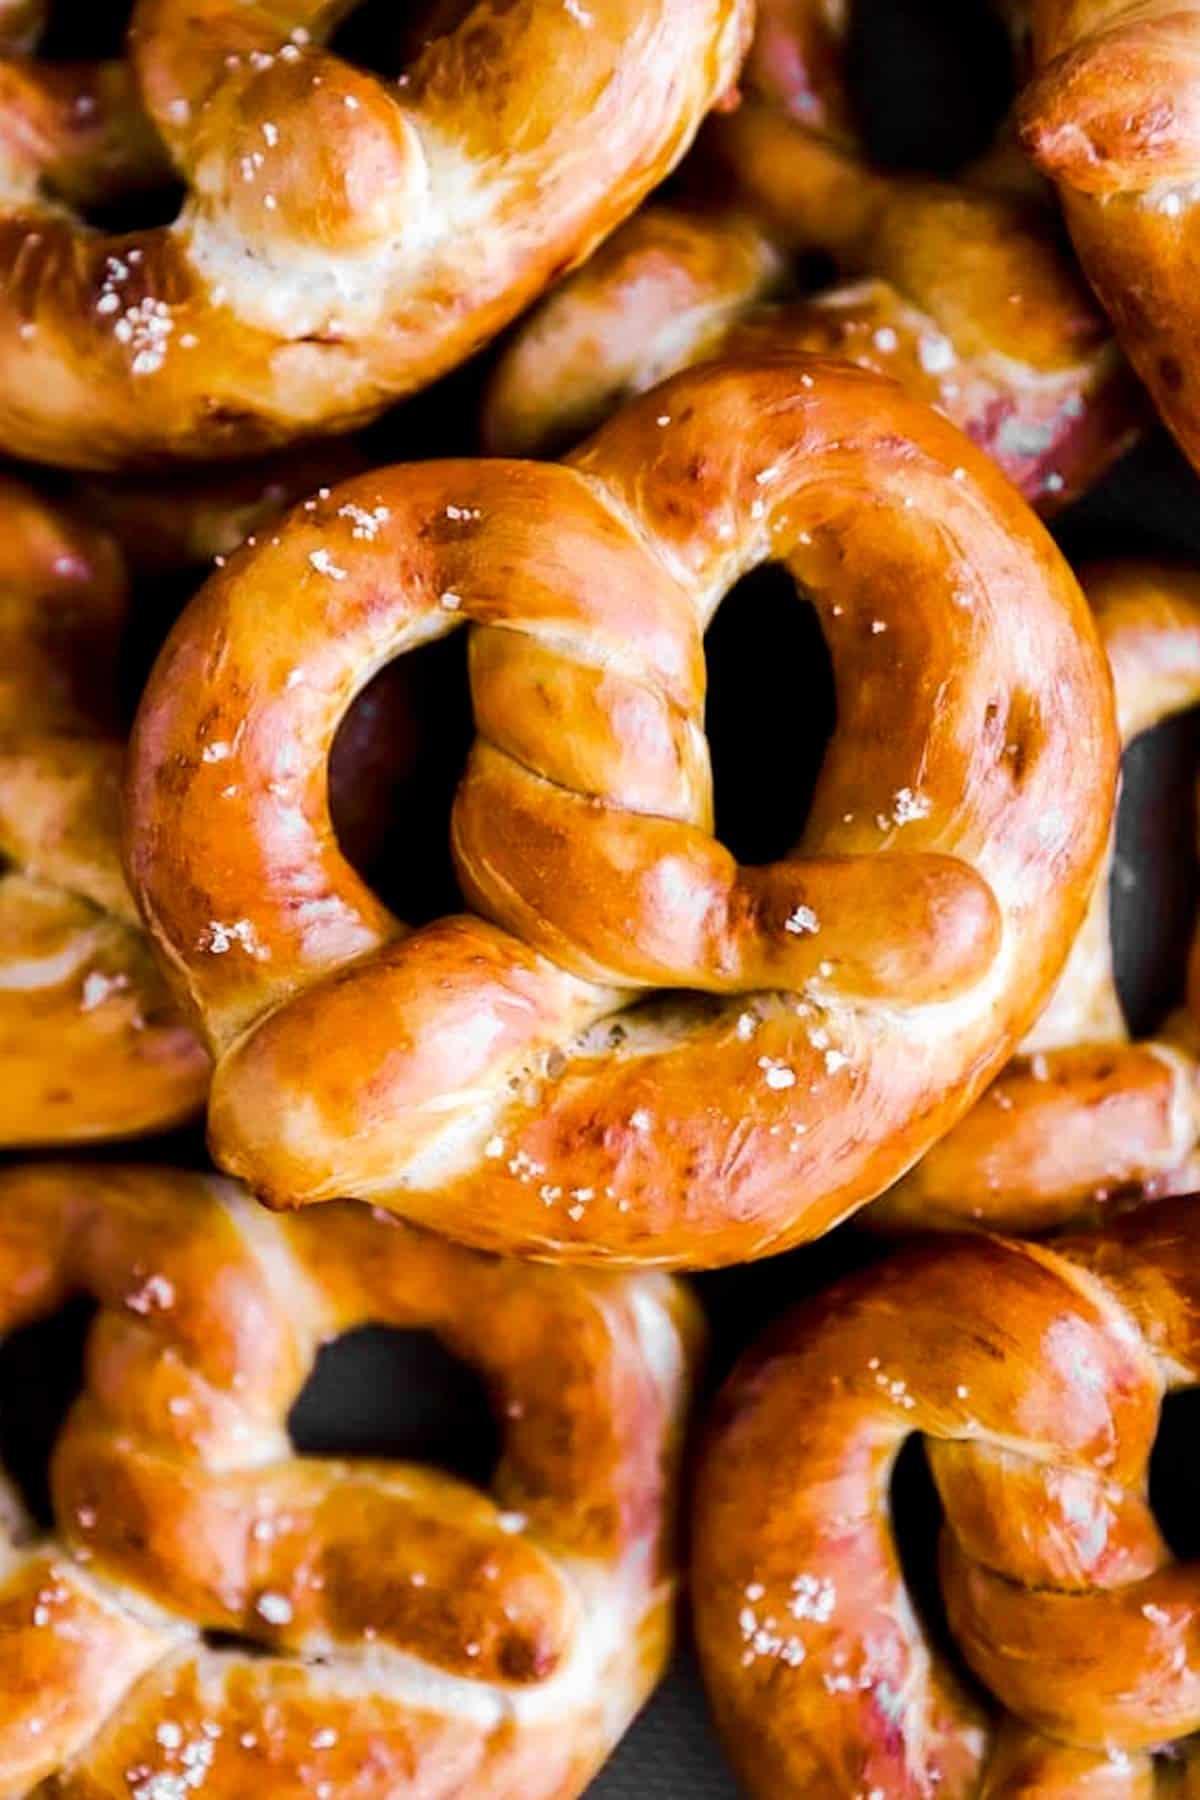 close up photo of homemade German soft pretzels